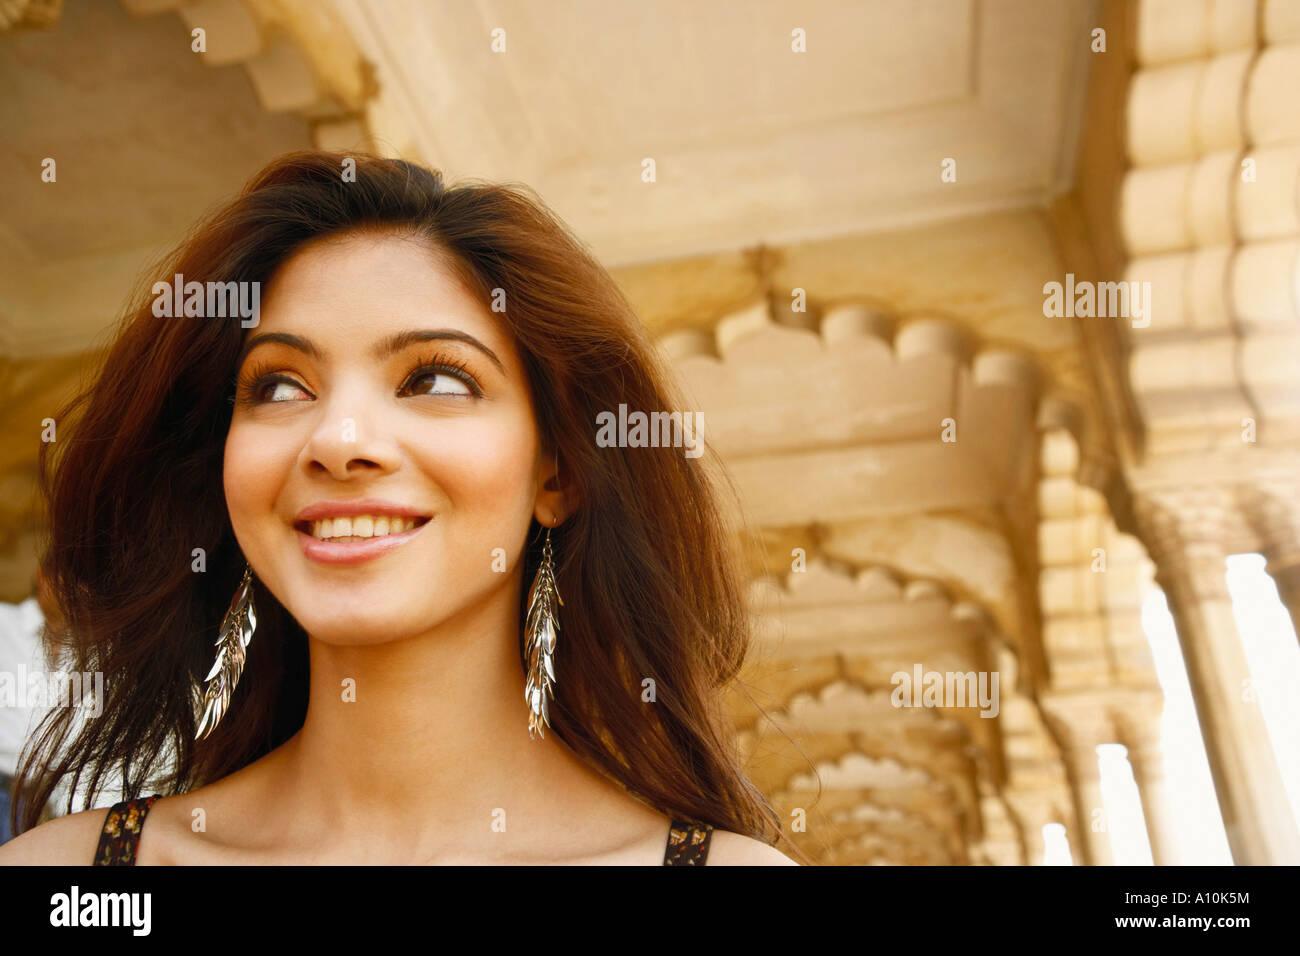 Close-up di una giovane donna sorridente, al Forte di Agra, Agra, Uttar Pradesh, India Immagini Stock